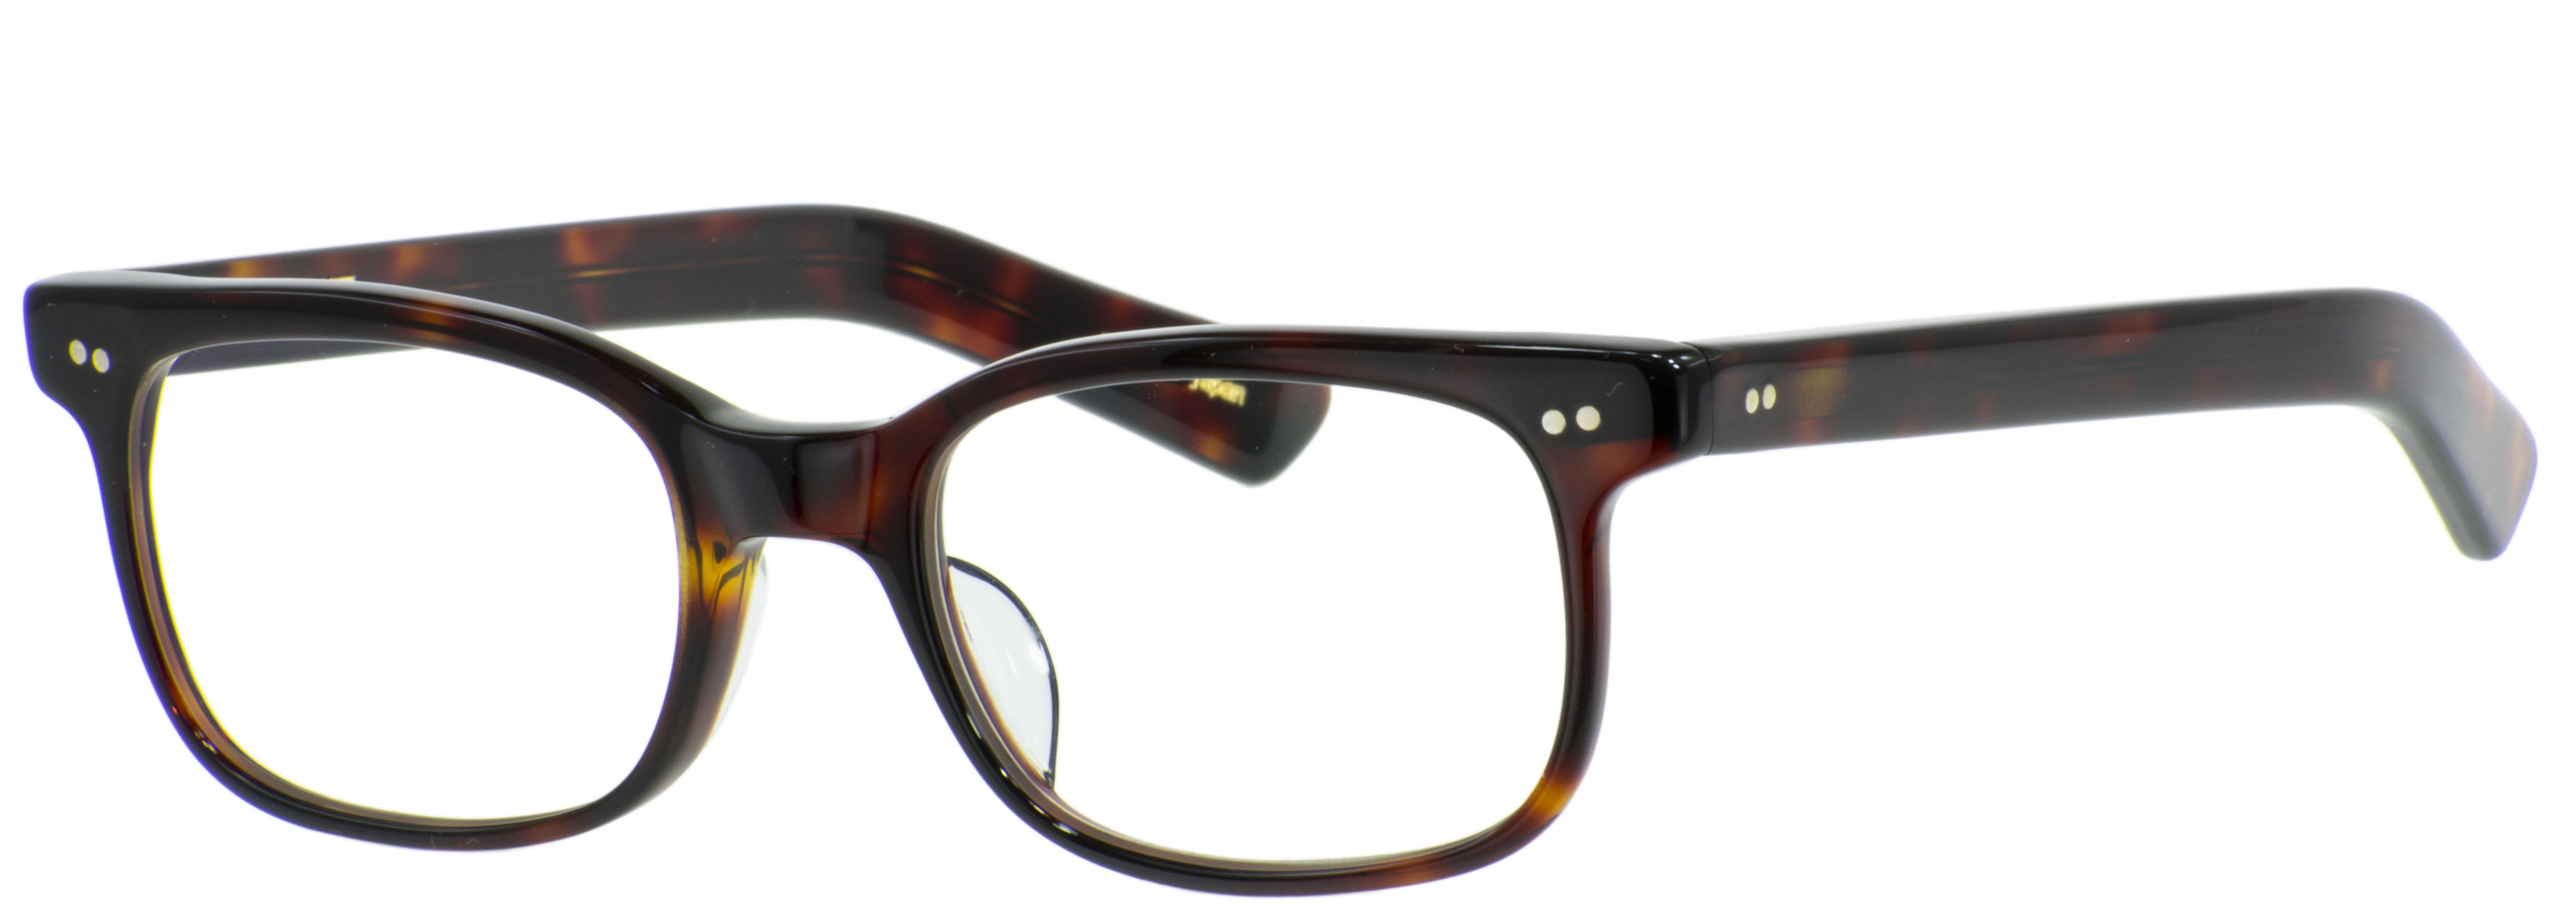 Buddy Optical MIT Brown tort ¥25,000 49 03